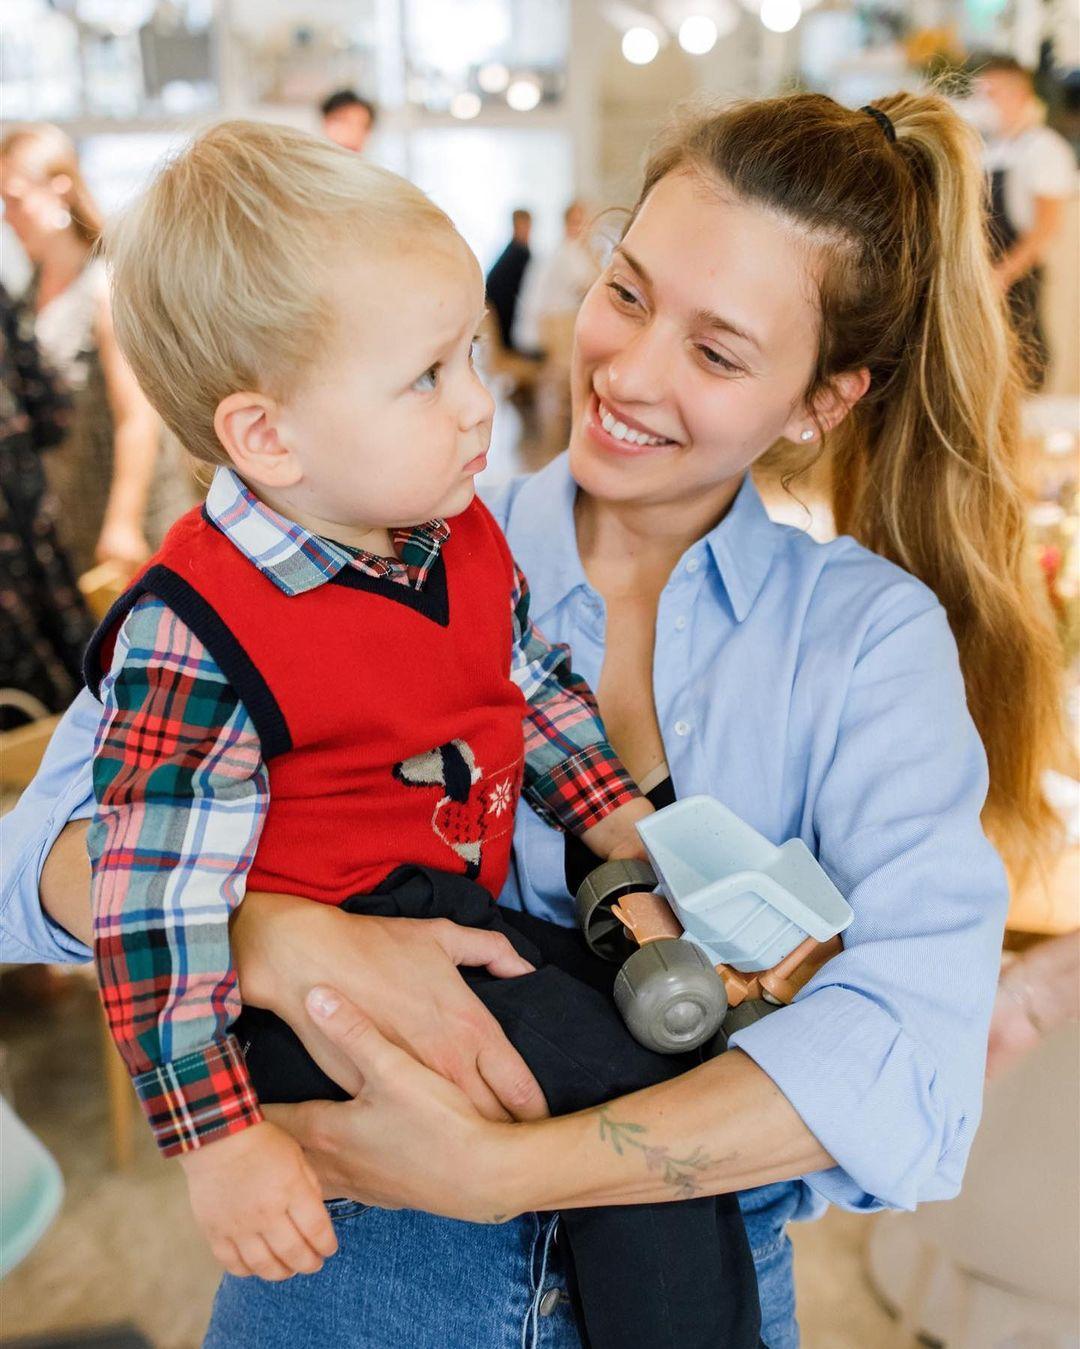 Регина Тодоренко показала, как ее маленький сын стоит на руках